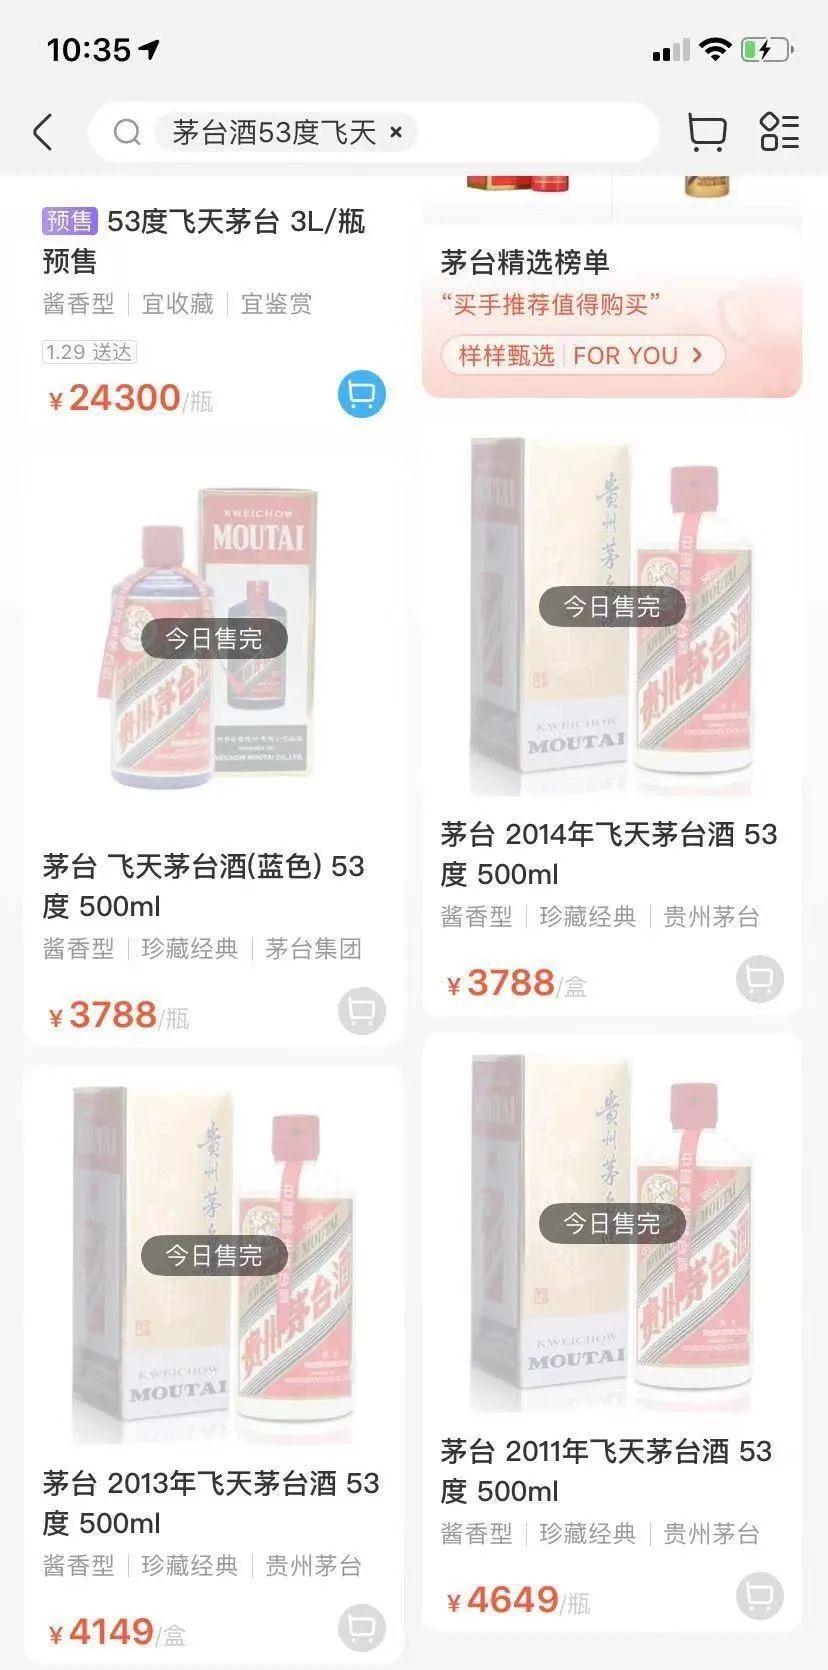 """上海""""严打""""茅台加价出售:超1499元即没收 盒马等多商家紧急下架"""